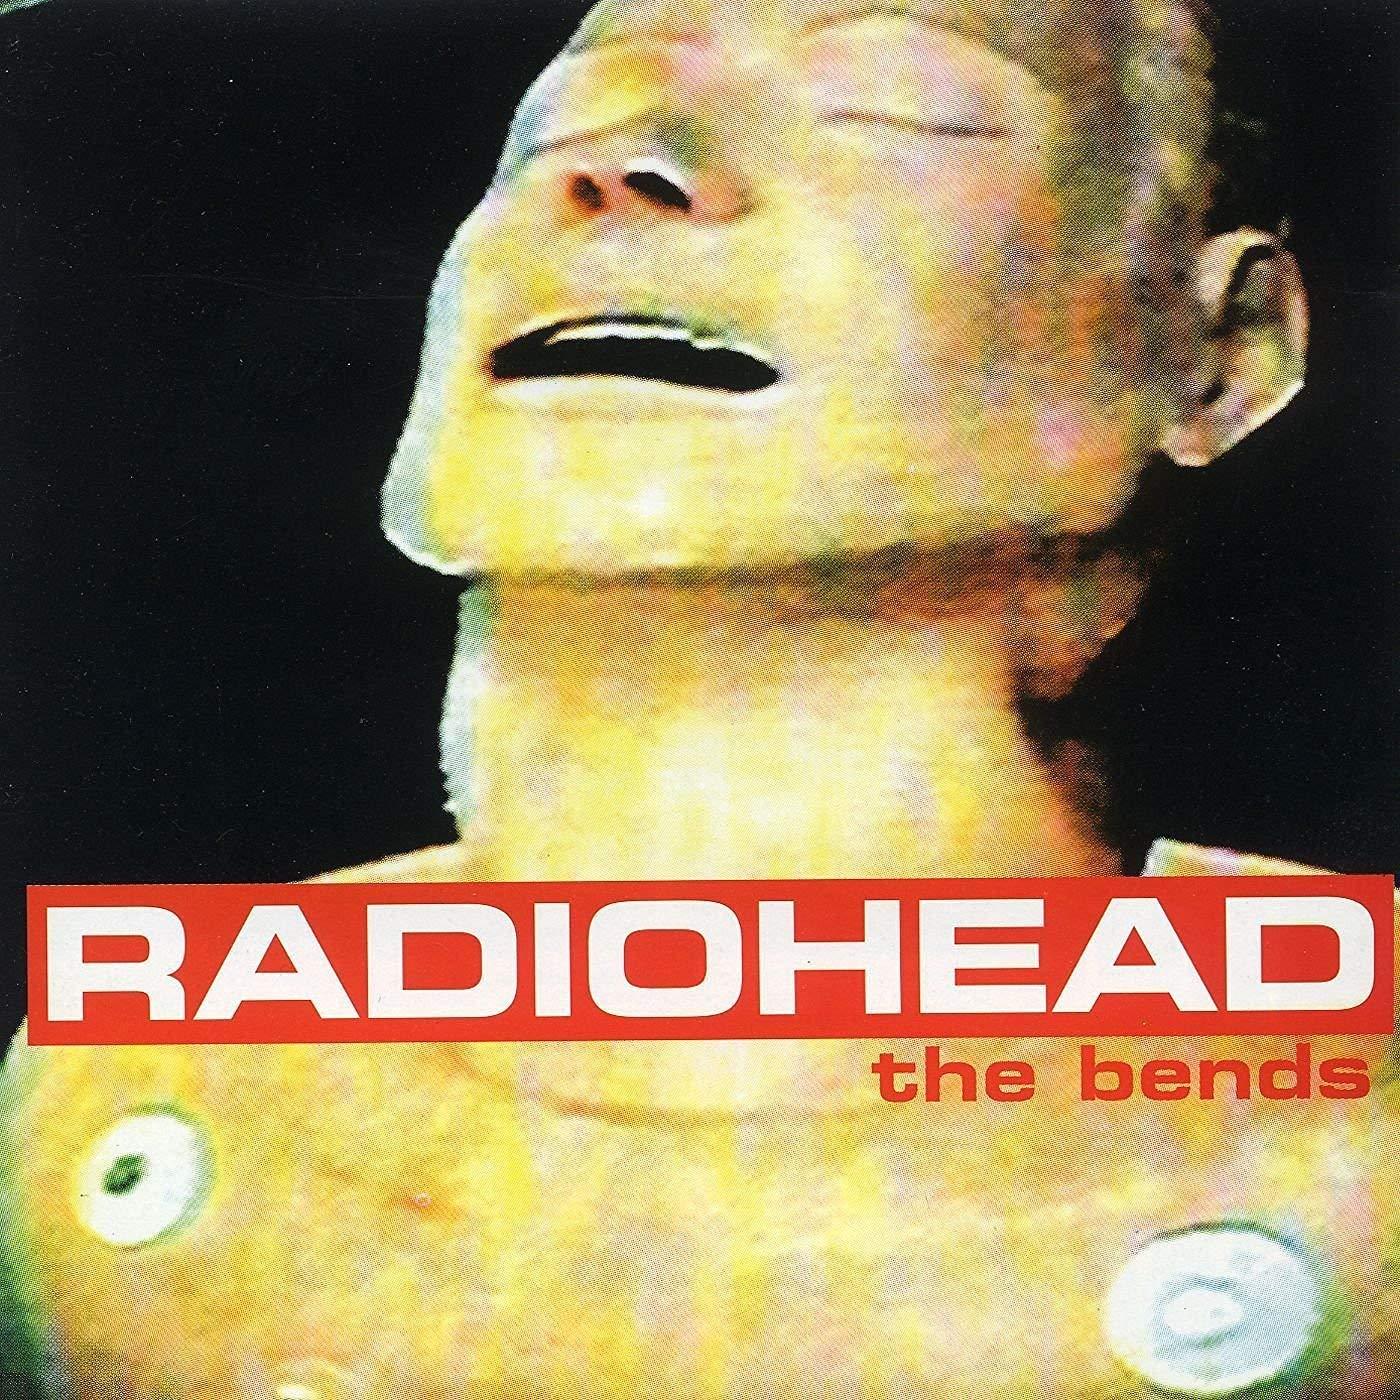 Radiohead The Bends - vinyl £15.99 @ Amazon (+£2.99 Non-prime)